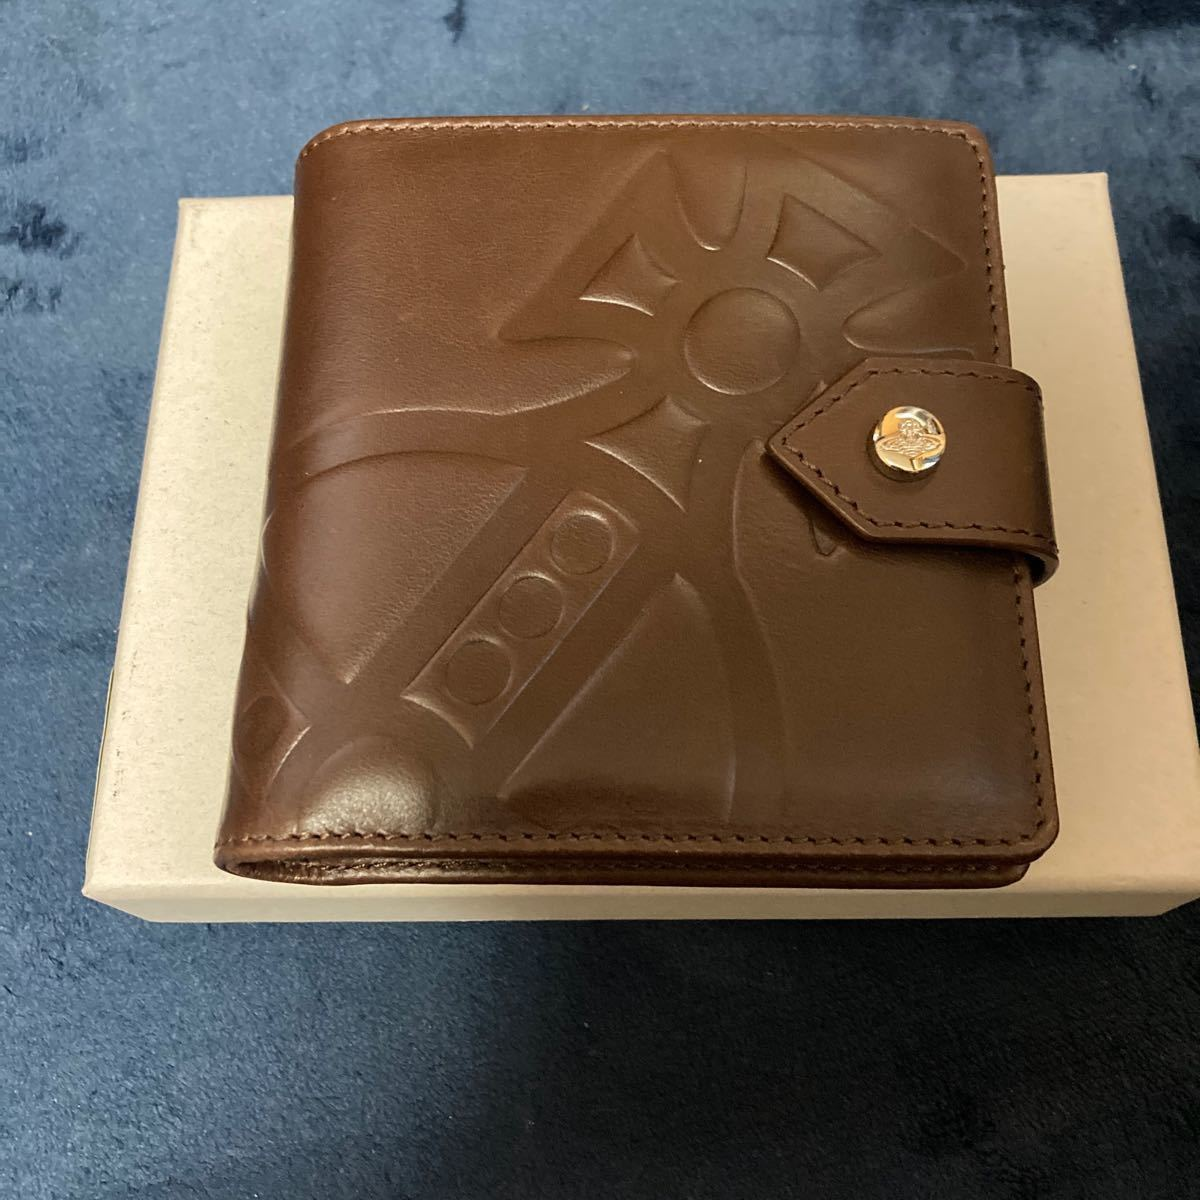 ヴィヴィアンウエストウッド 財布 CHESTER  二つ折り財布 Vivienne Westwood